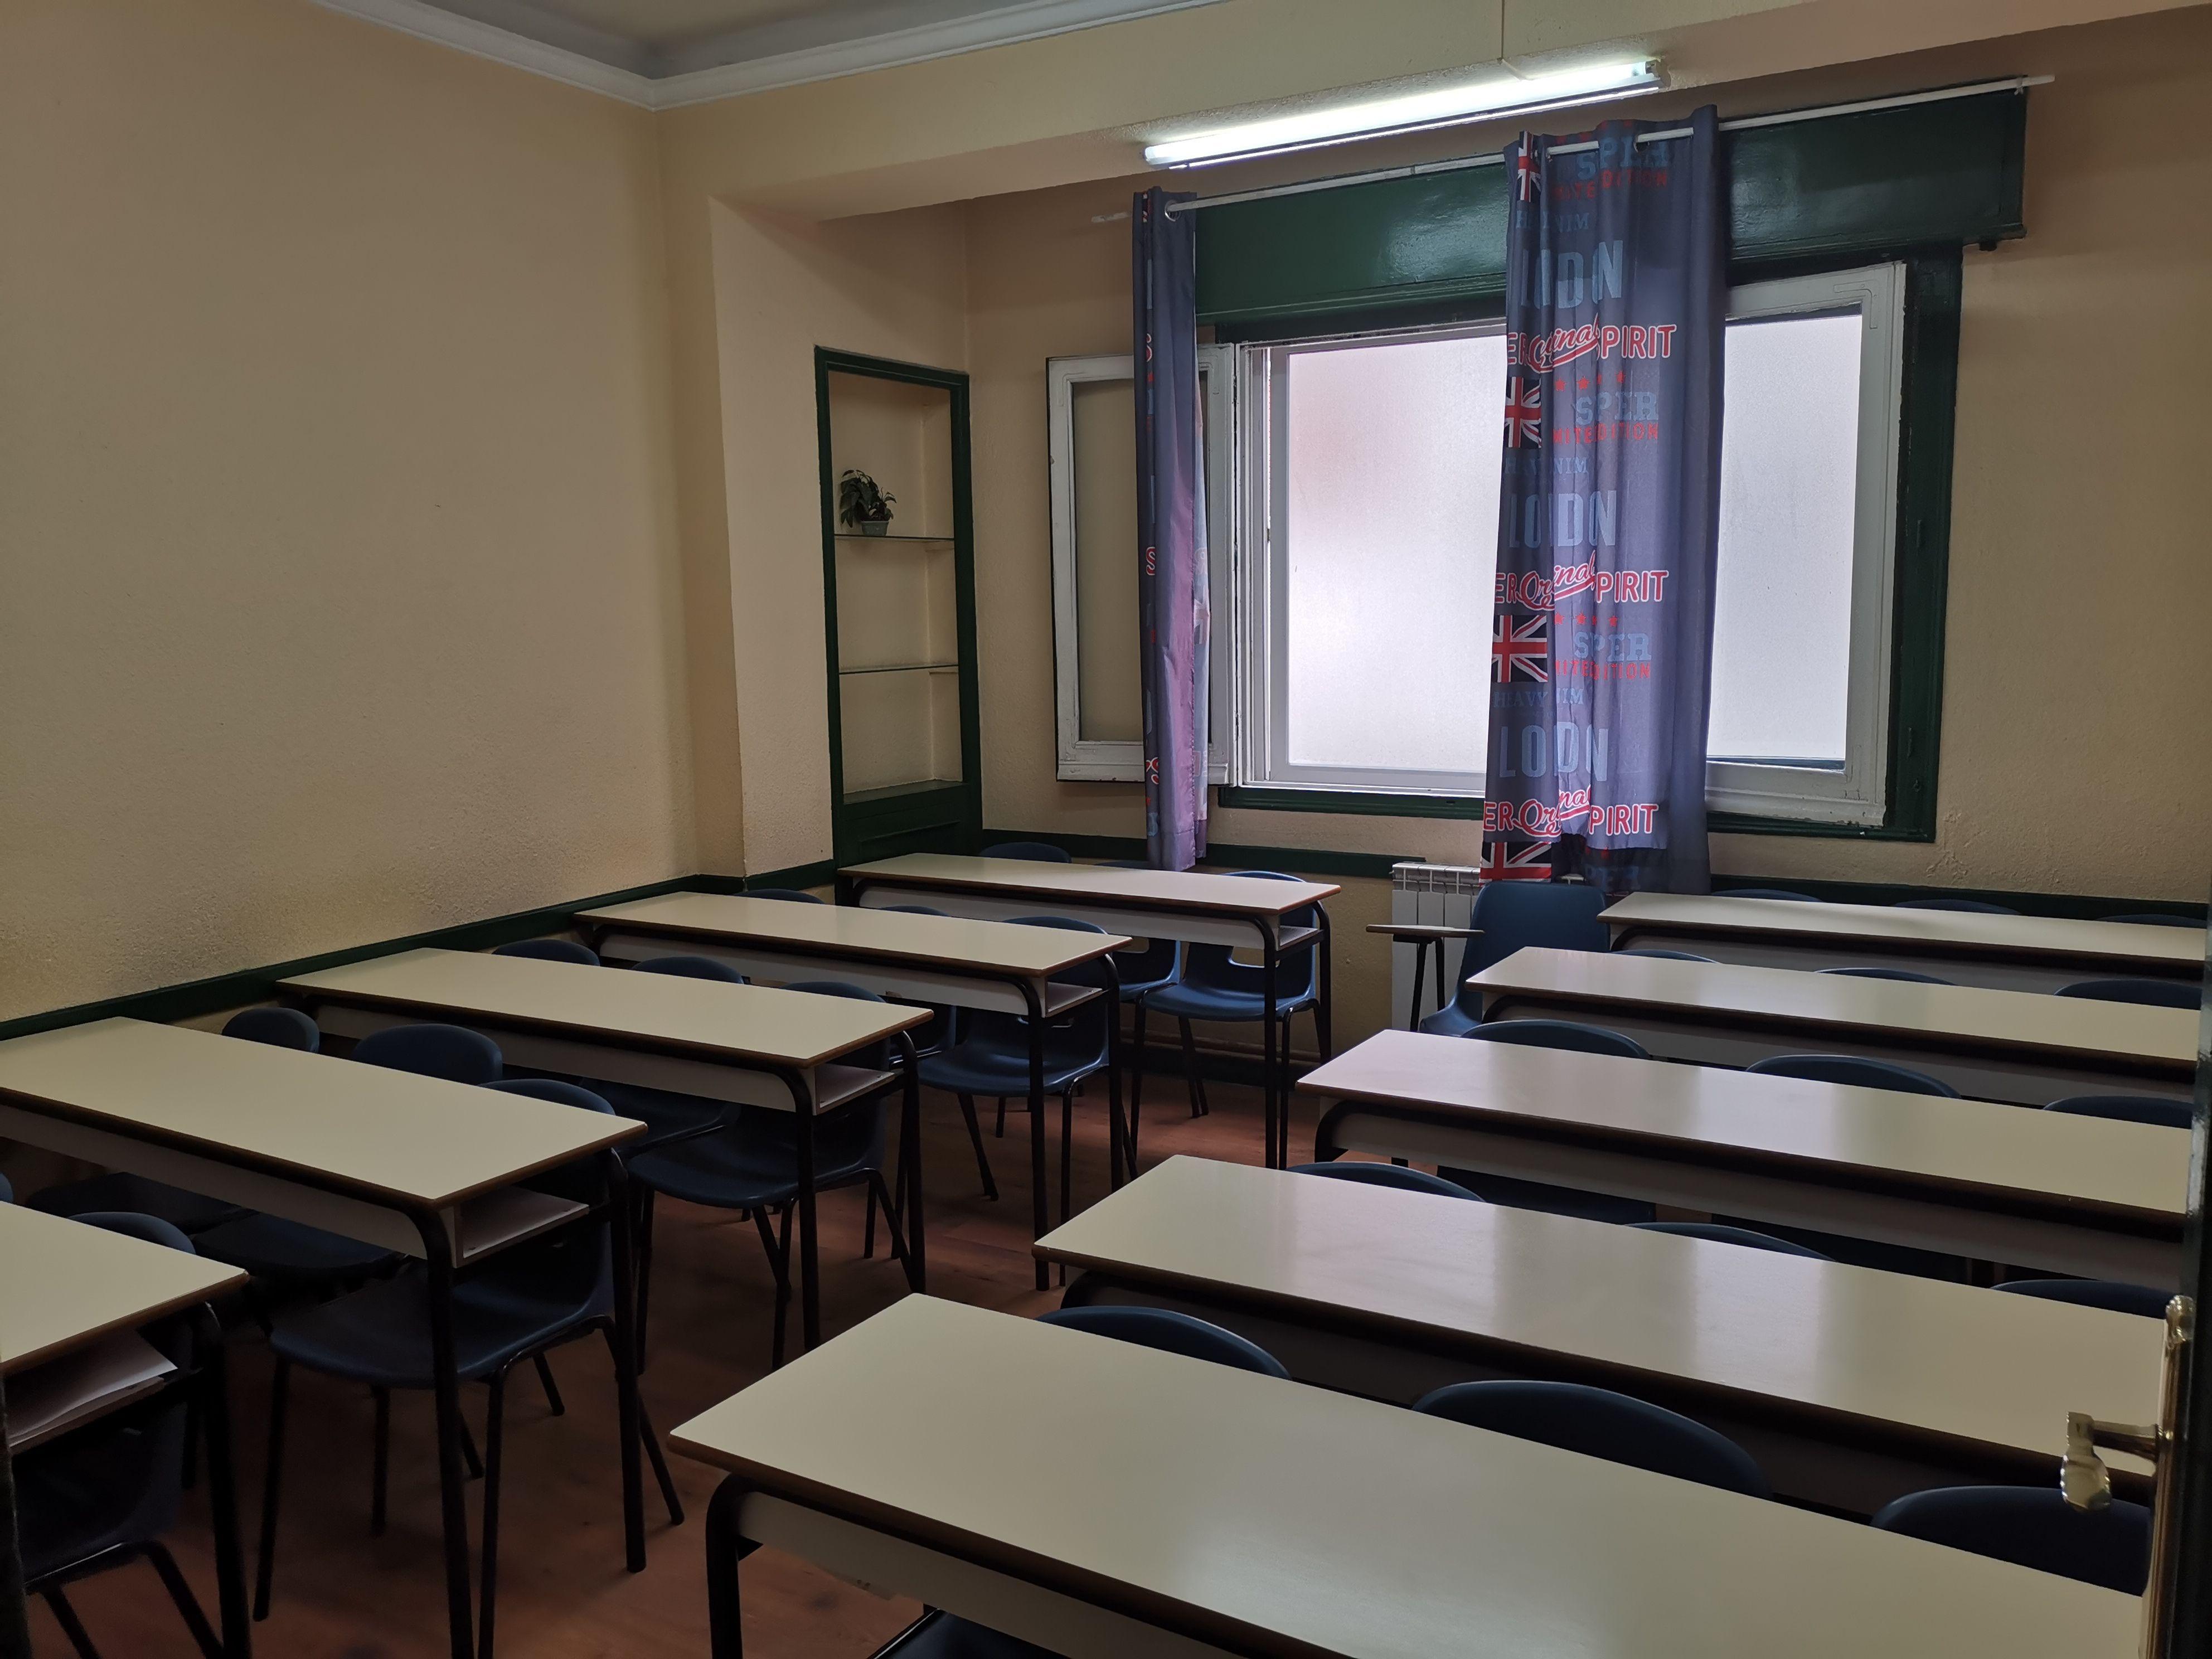 Centro de estudios universitarios en Madrid